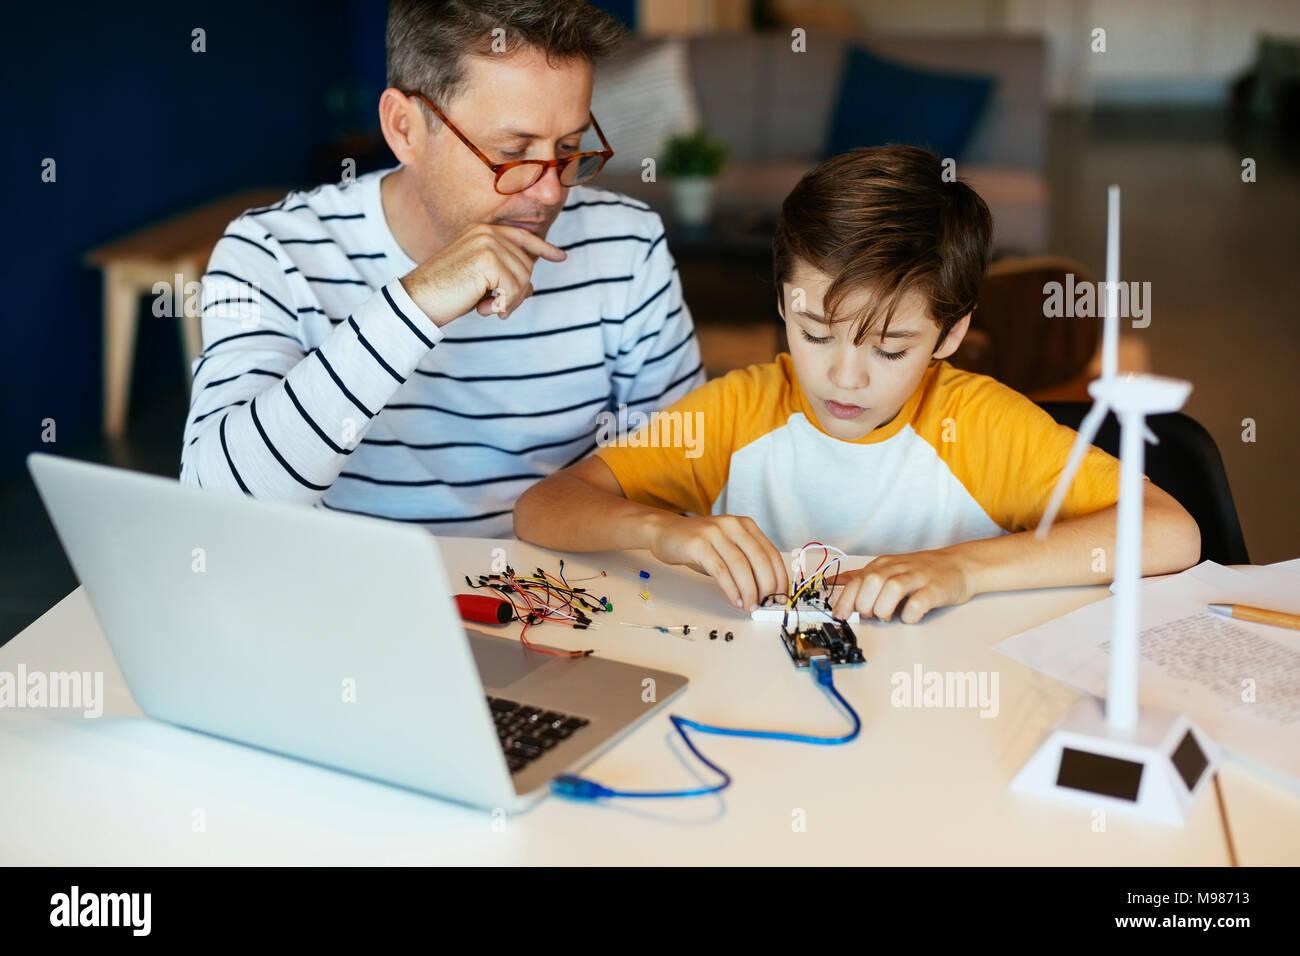 Vater und Sohn Montage ein Baukasten mit Laptop und wind turbine Modell Stockbild